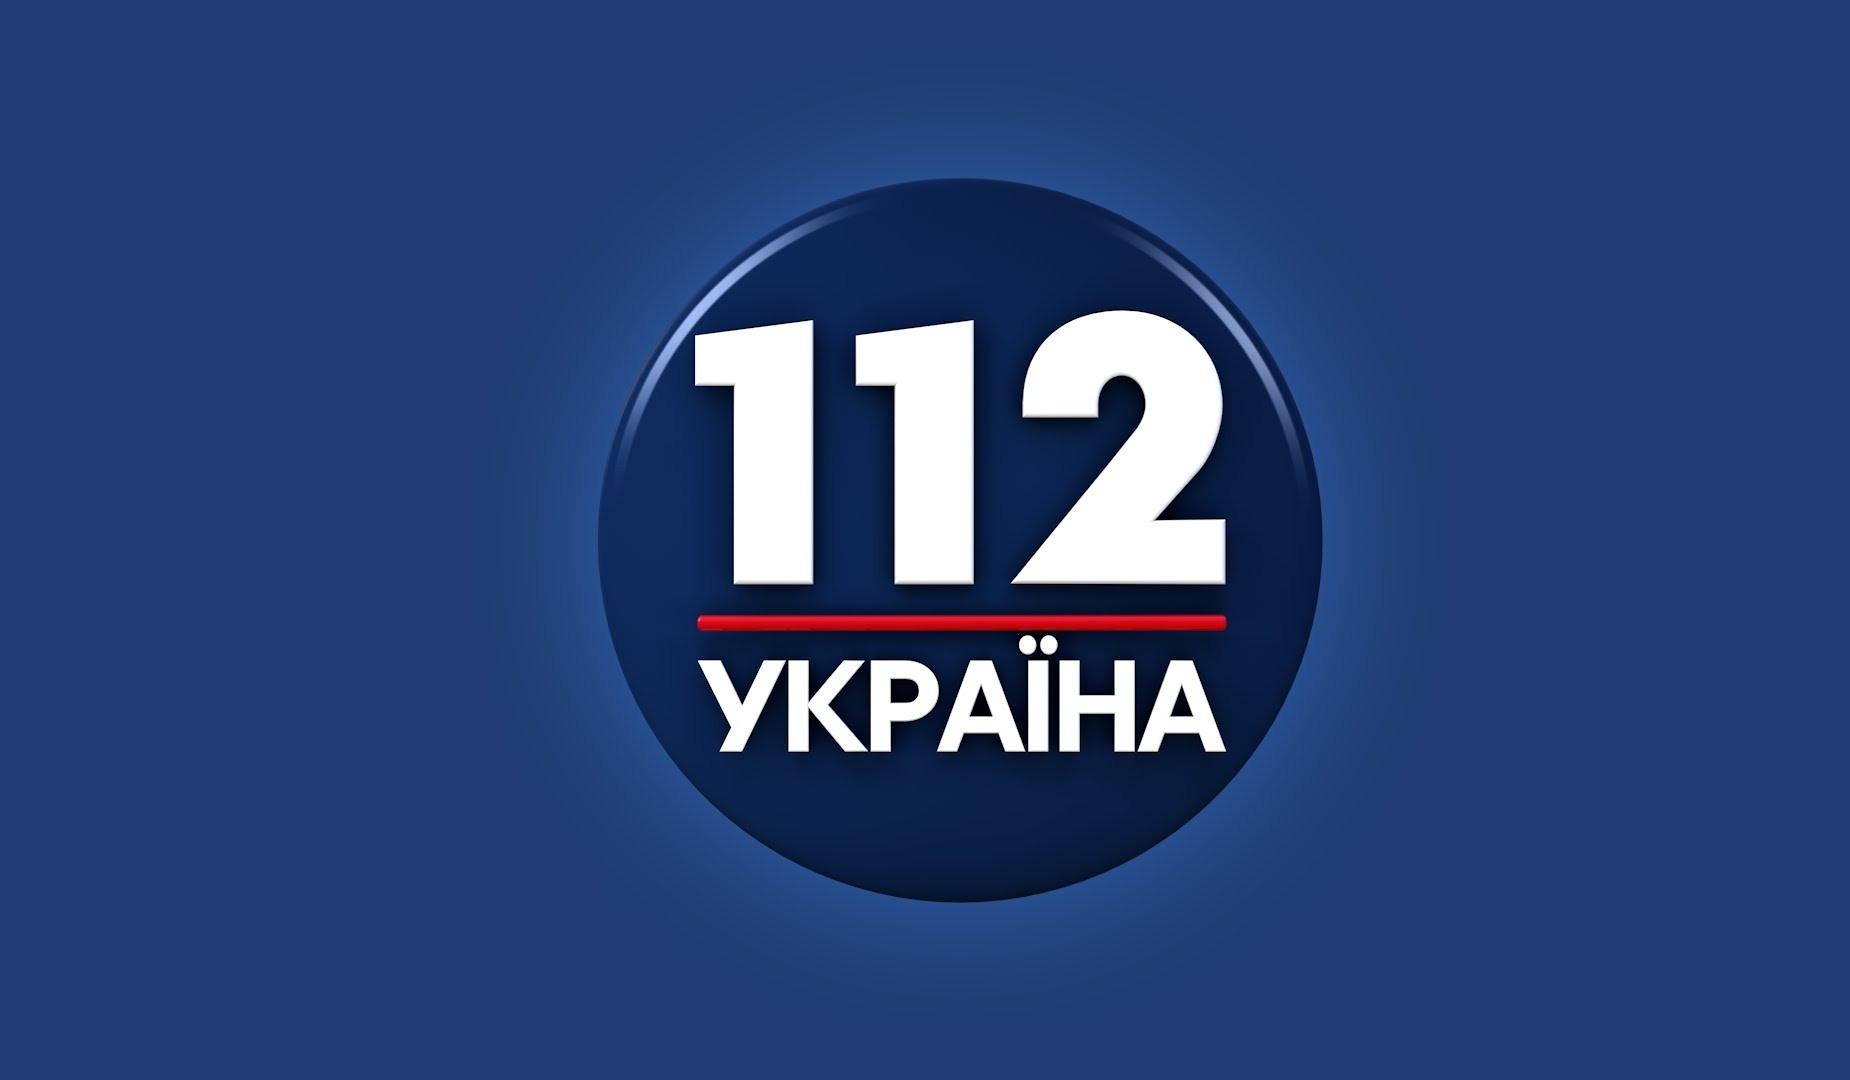 Нацрада розгляне питання цифрових ліцензій «112 Україна» на початку вересня – Артеменко